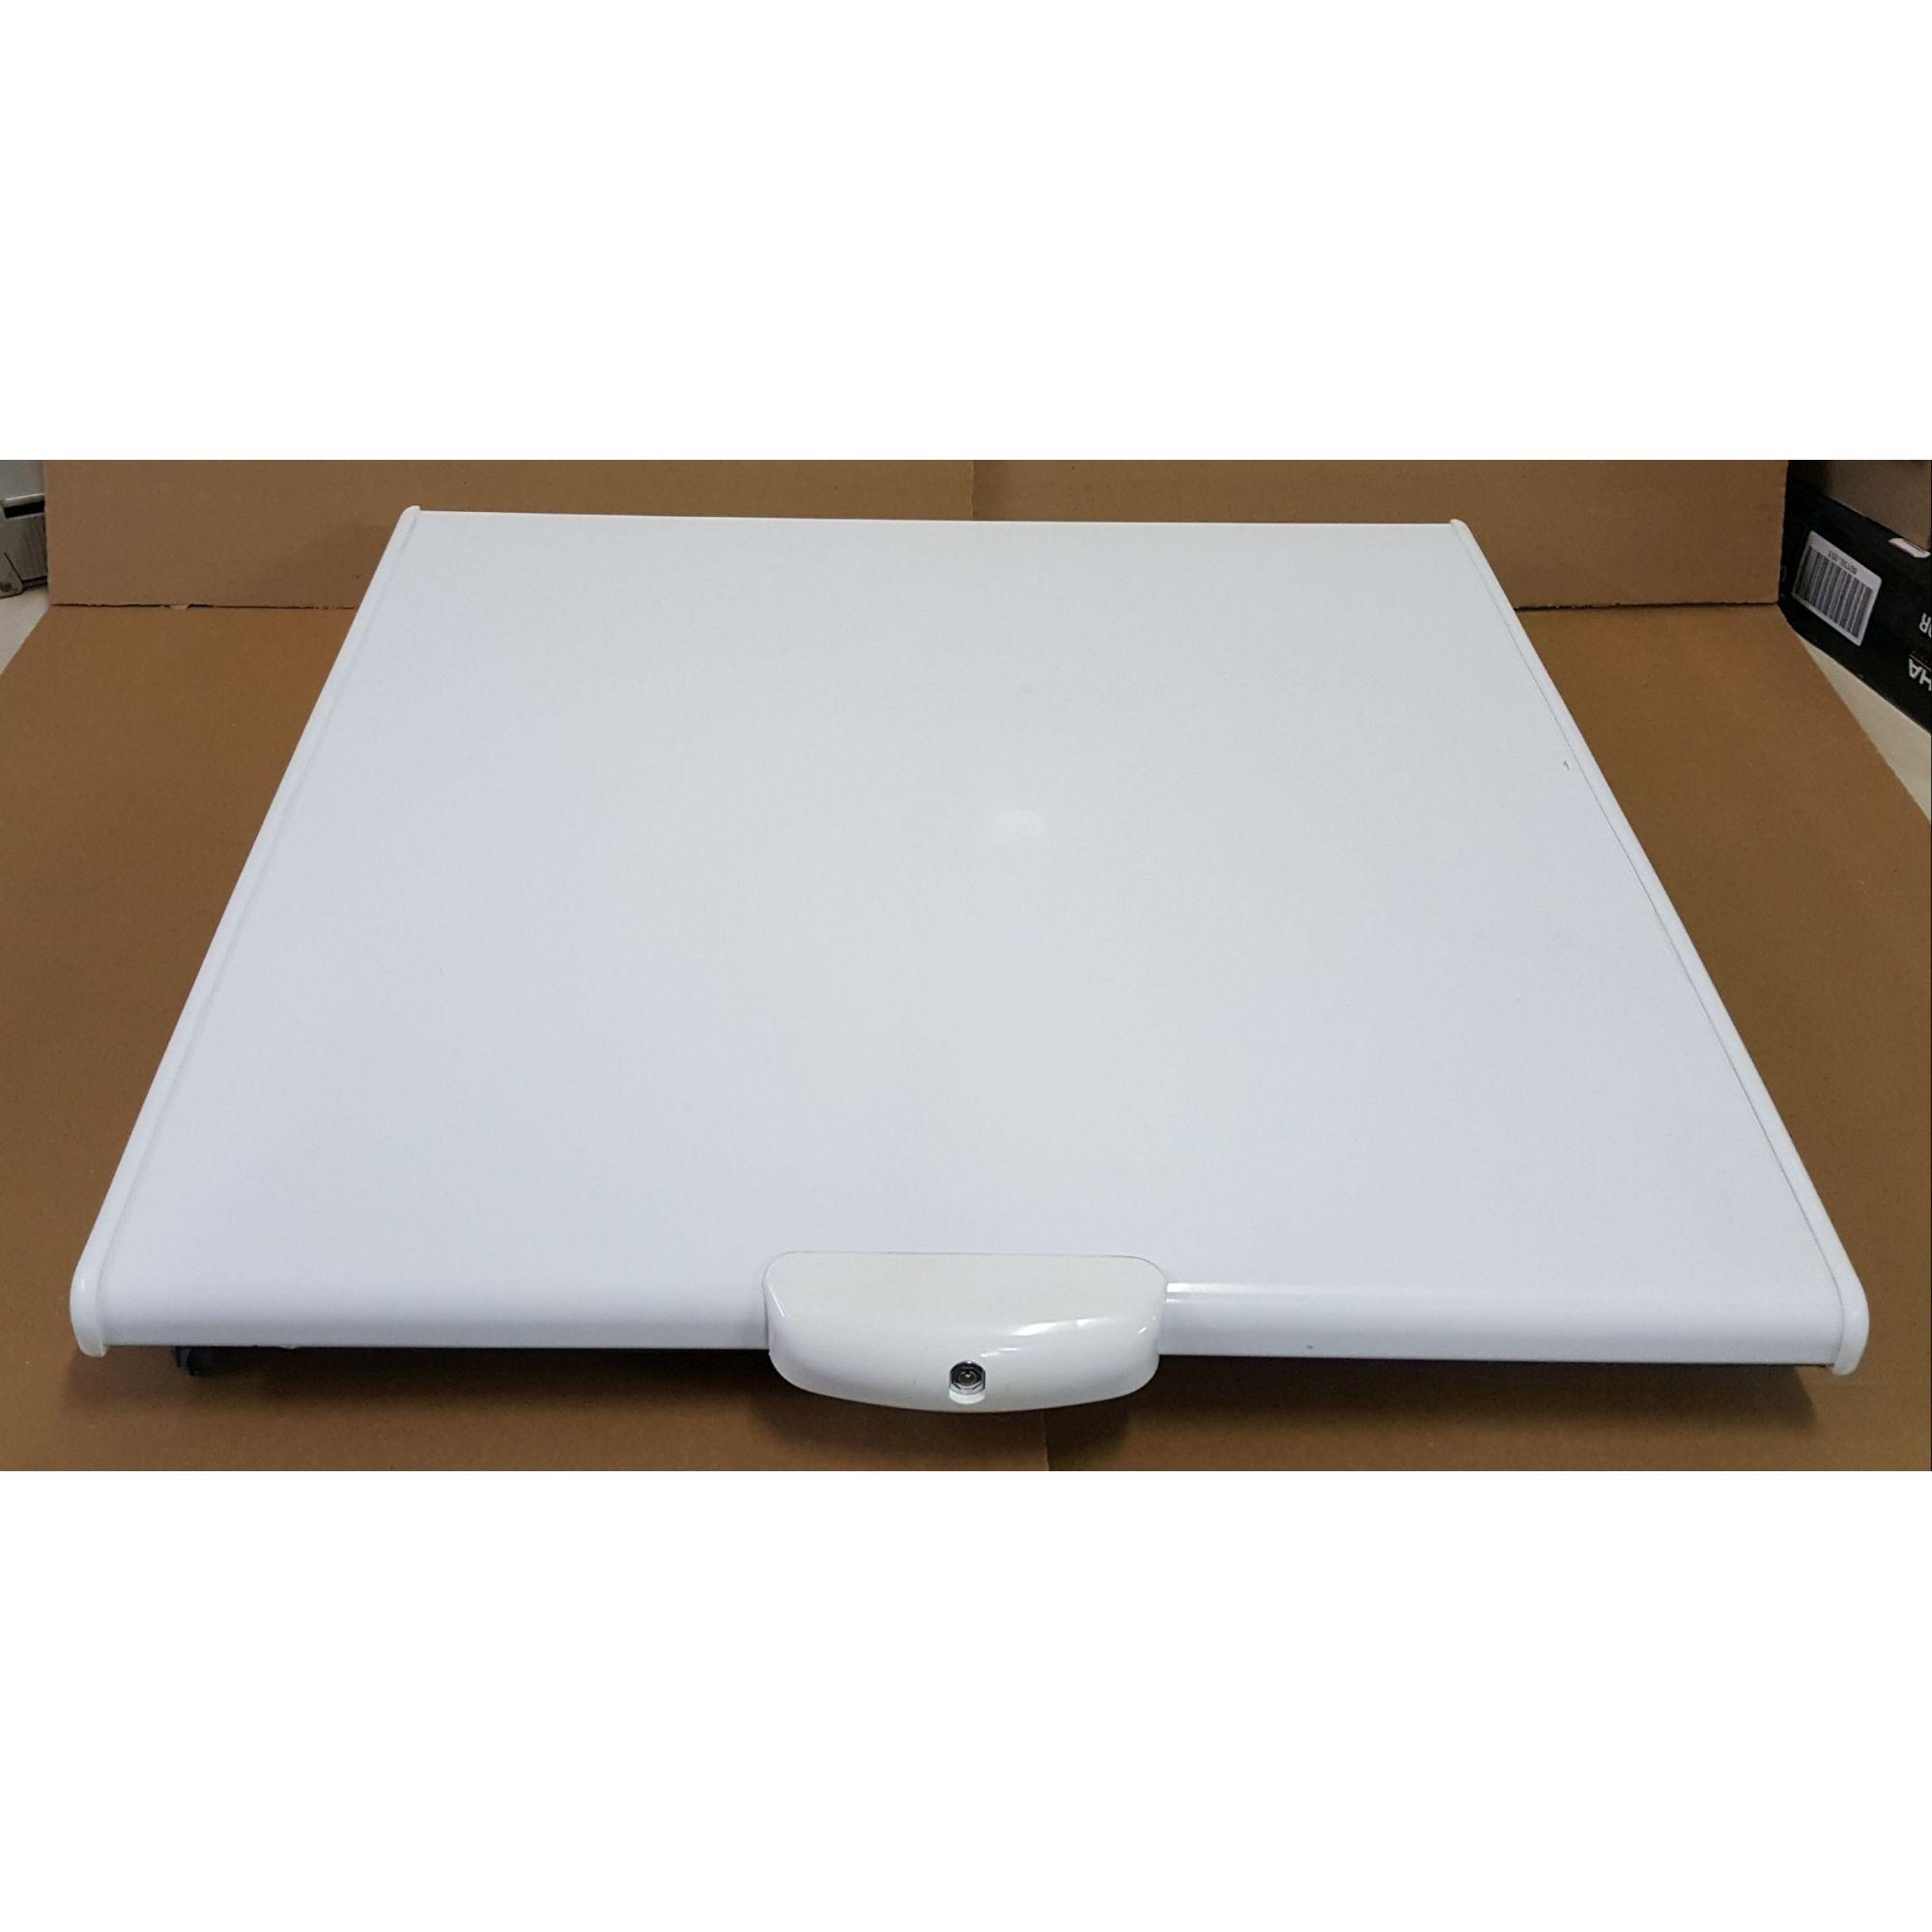 Tampa para Freezer Metalfrio Mod: DA420 - HC4  com puxador sem dobradiça 63 x 66 - Cod: 090150T402